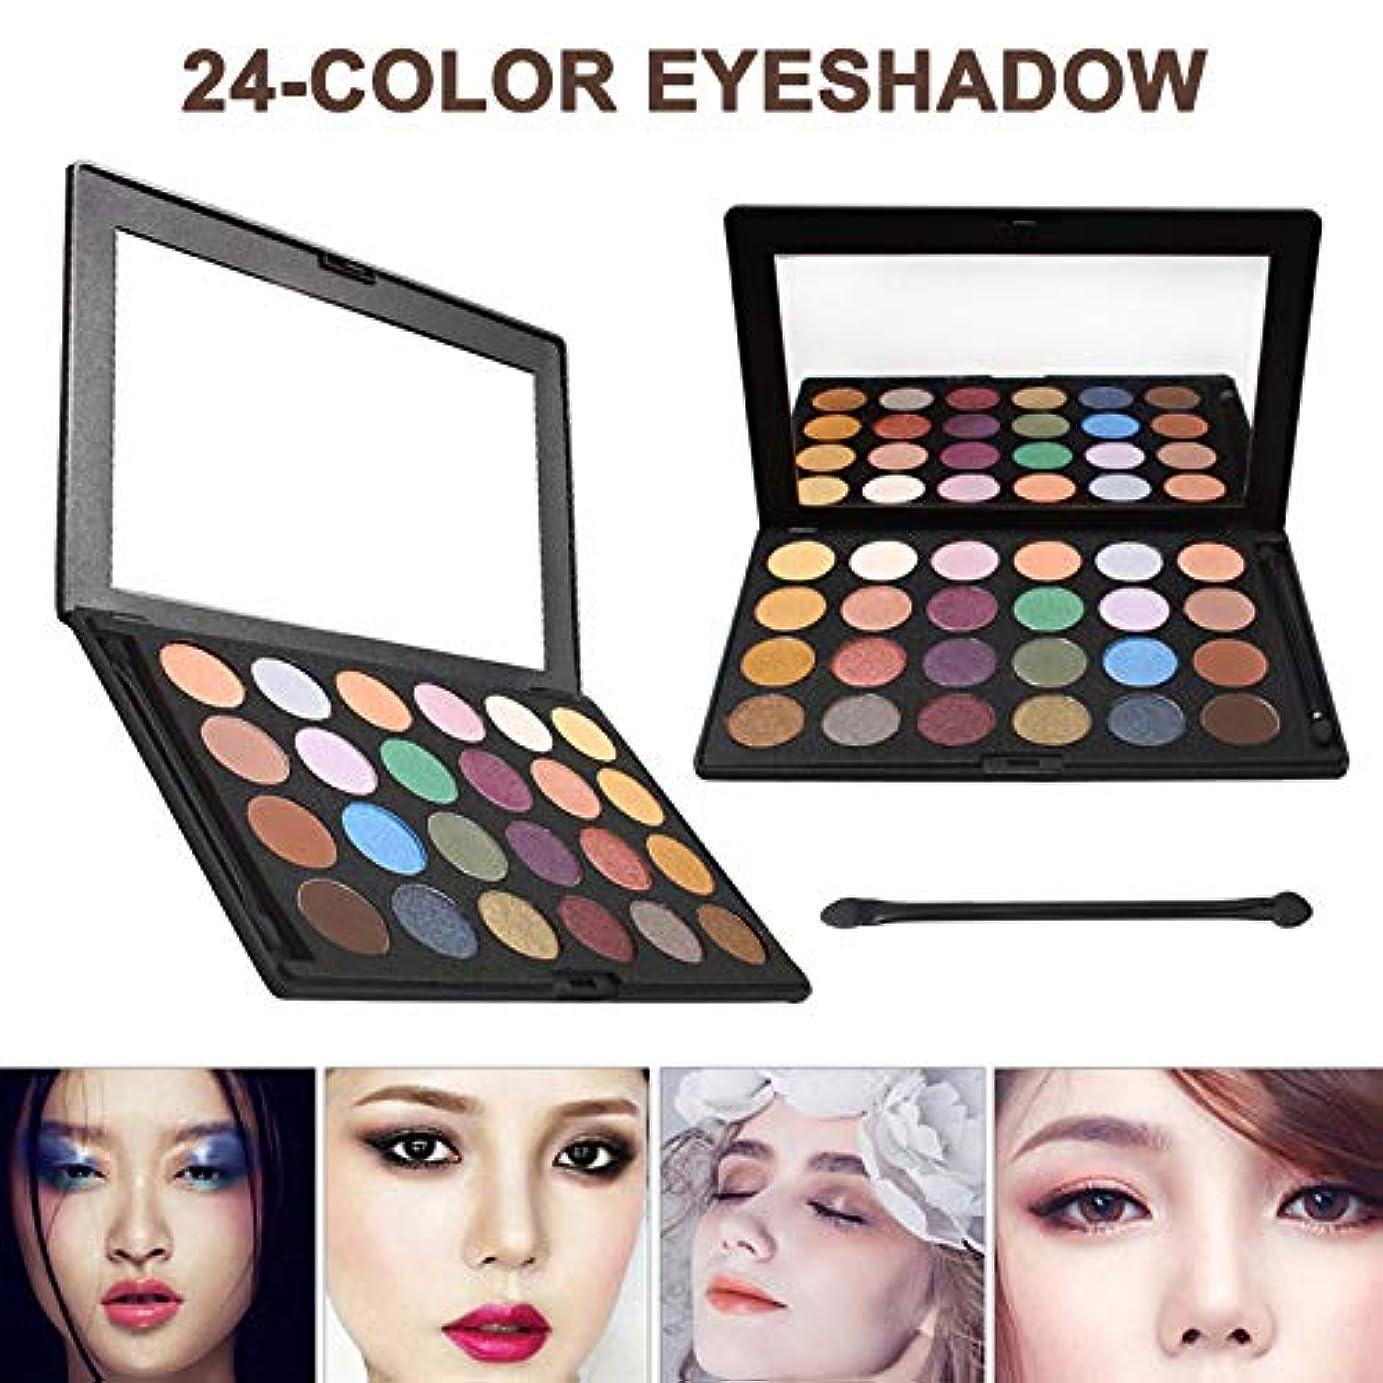 短命めまいが肯定的Symboat アイシャドウパレット 鮮やかな発色 24色ロングラスティング 組み合わせ コスメ 毎日 化粧品 ナチュラル 自然立体 多色 化粧美容人気